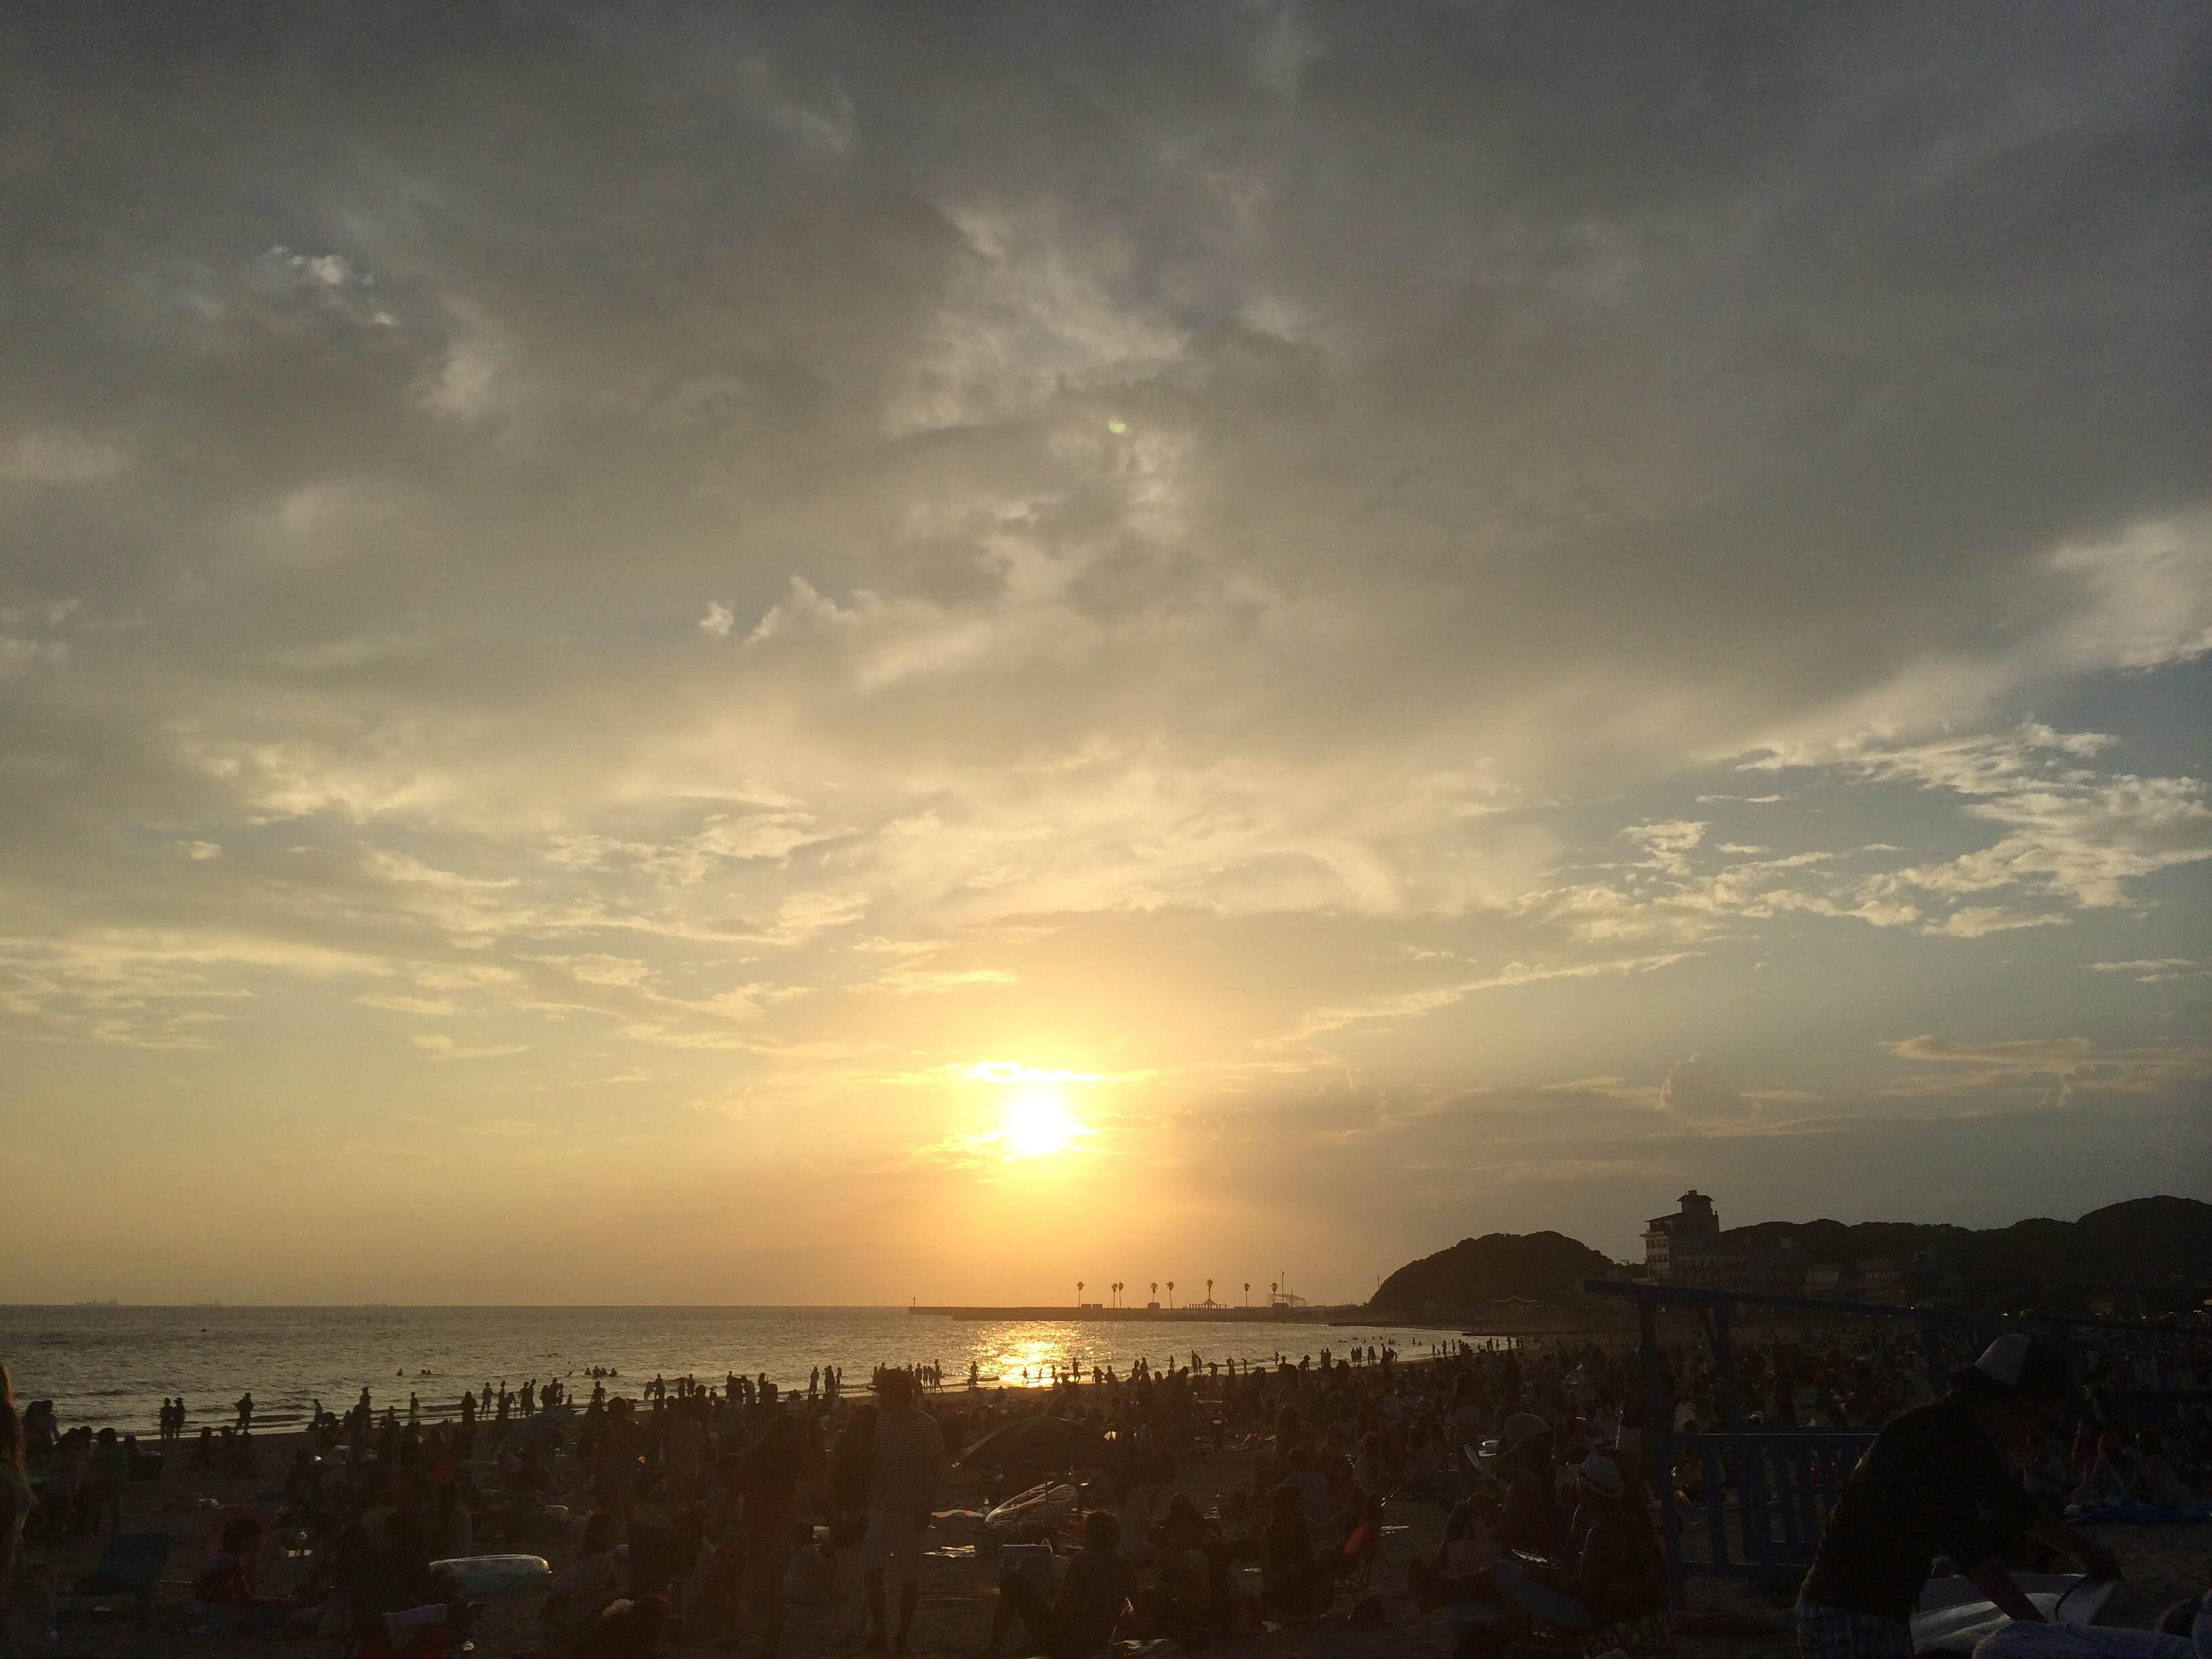 夏の思い出☆ 〜海と花火とバーベキューと〜